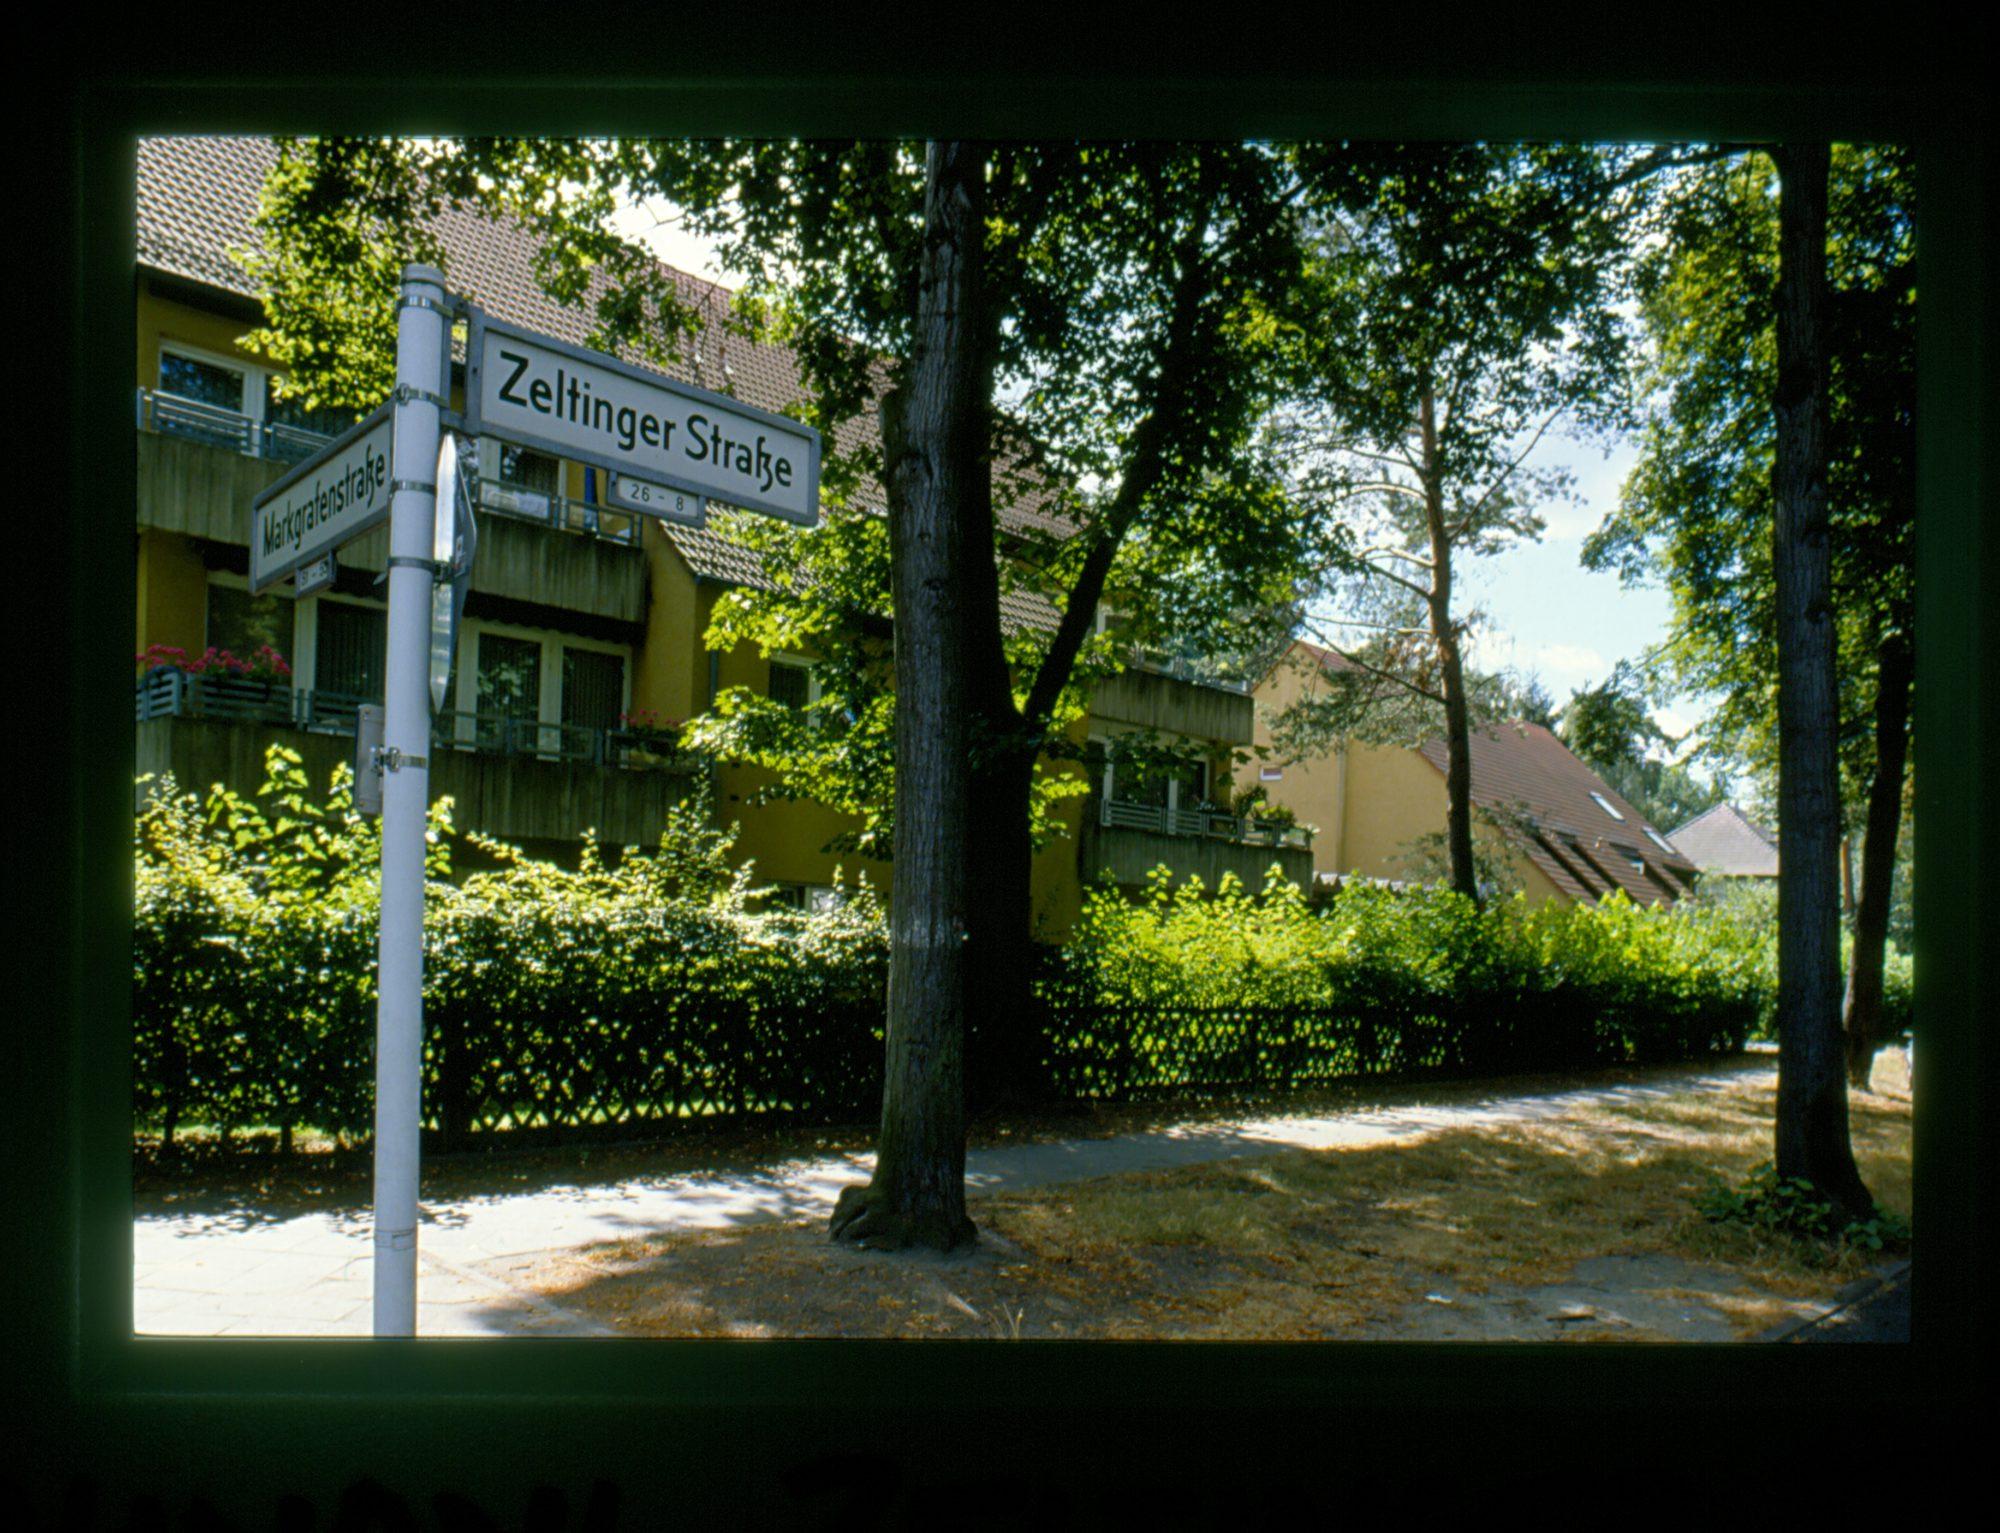 """Zu sehen ist ein eine eher grüne Straße in Berlin mit ein paar Häusern im Hintergrund. Im Bildvordergrund steht das Straßenschild """"Zeltinger Straße""""."""